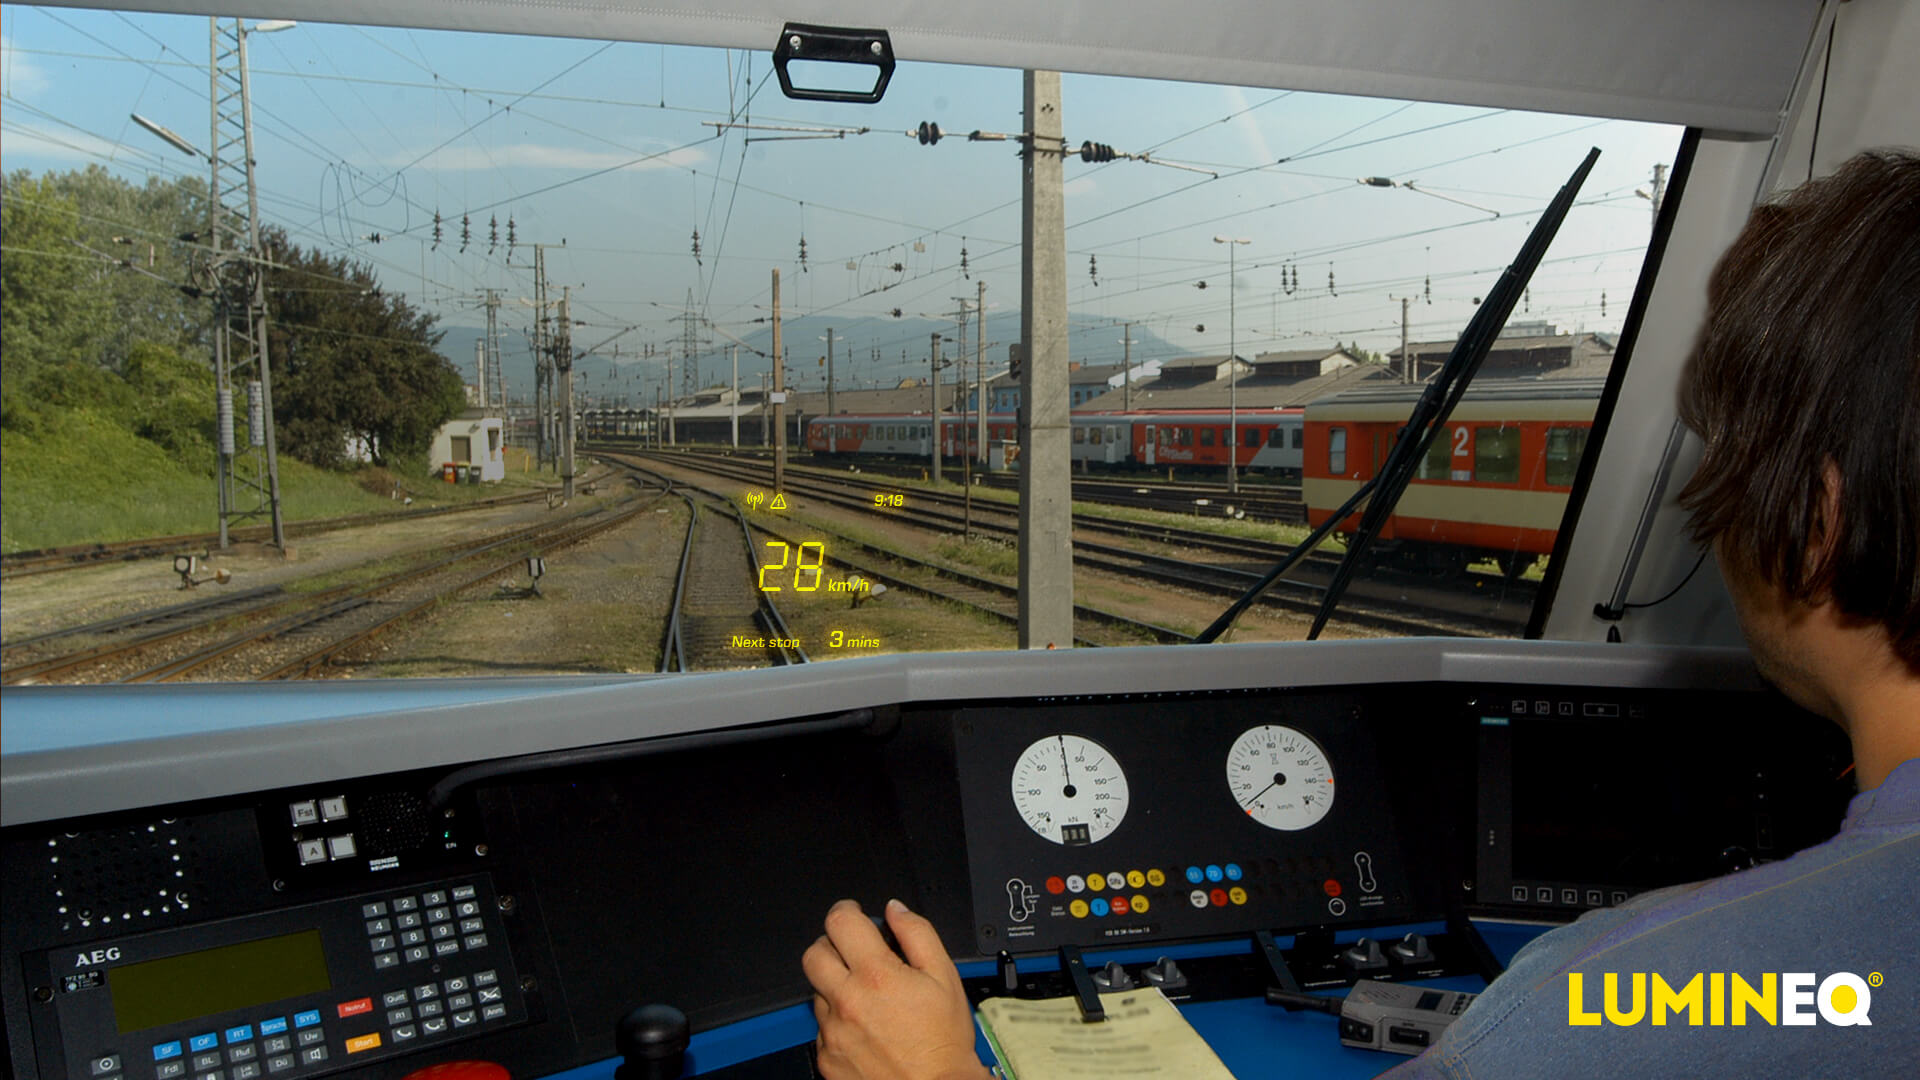 Tram_Cabin_HUD-v02-2021-1920x1080_small